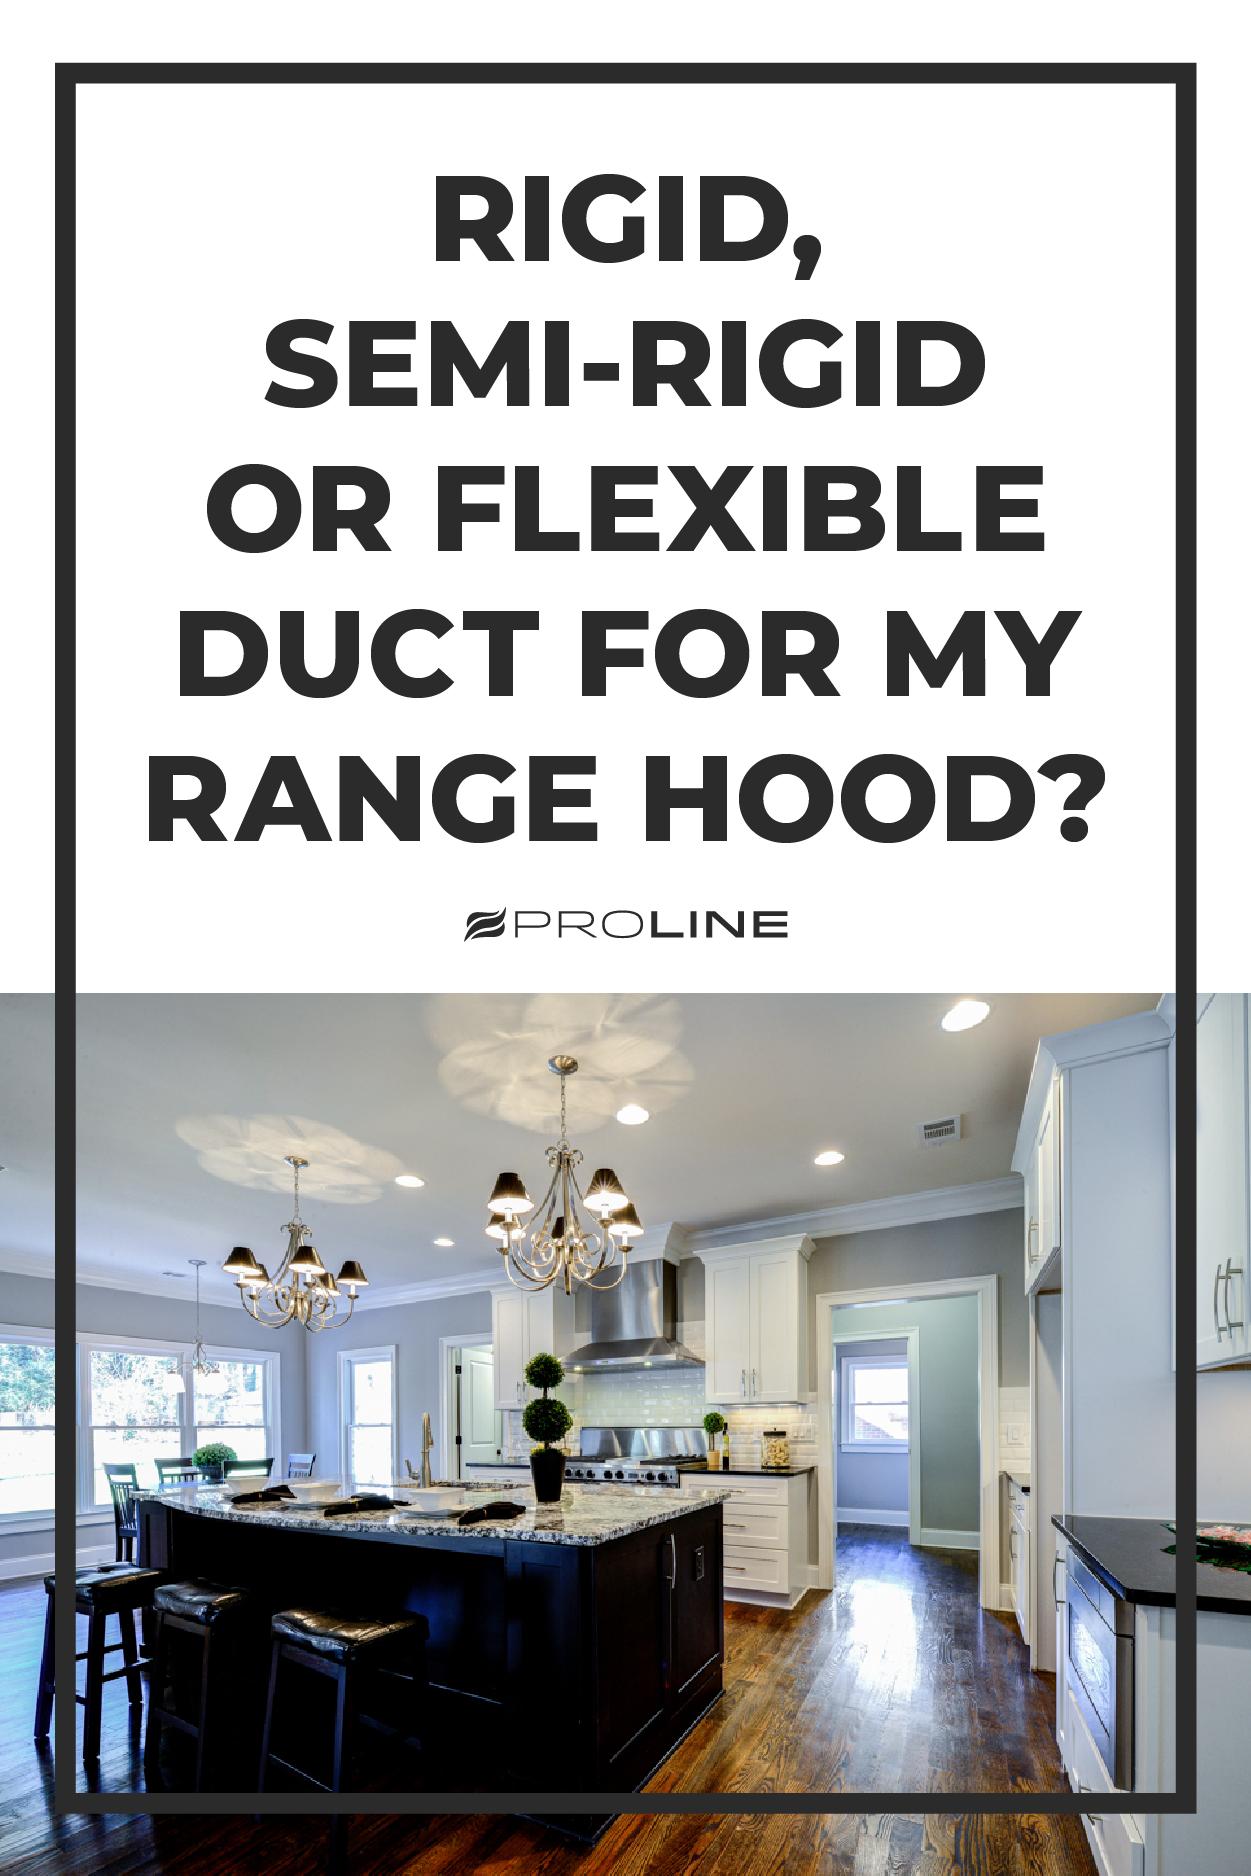 range hood flexible duct